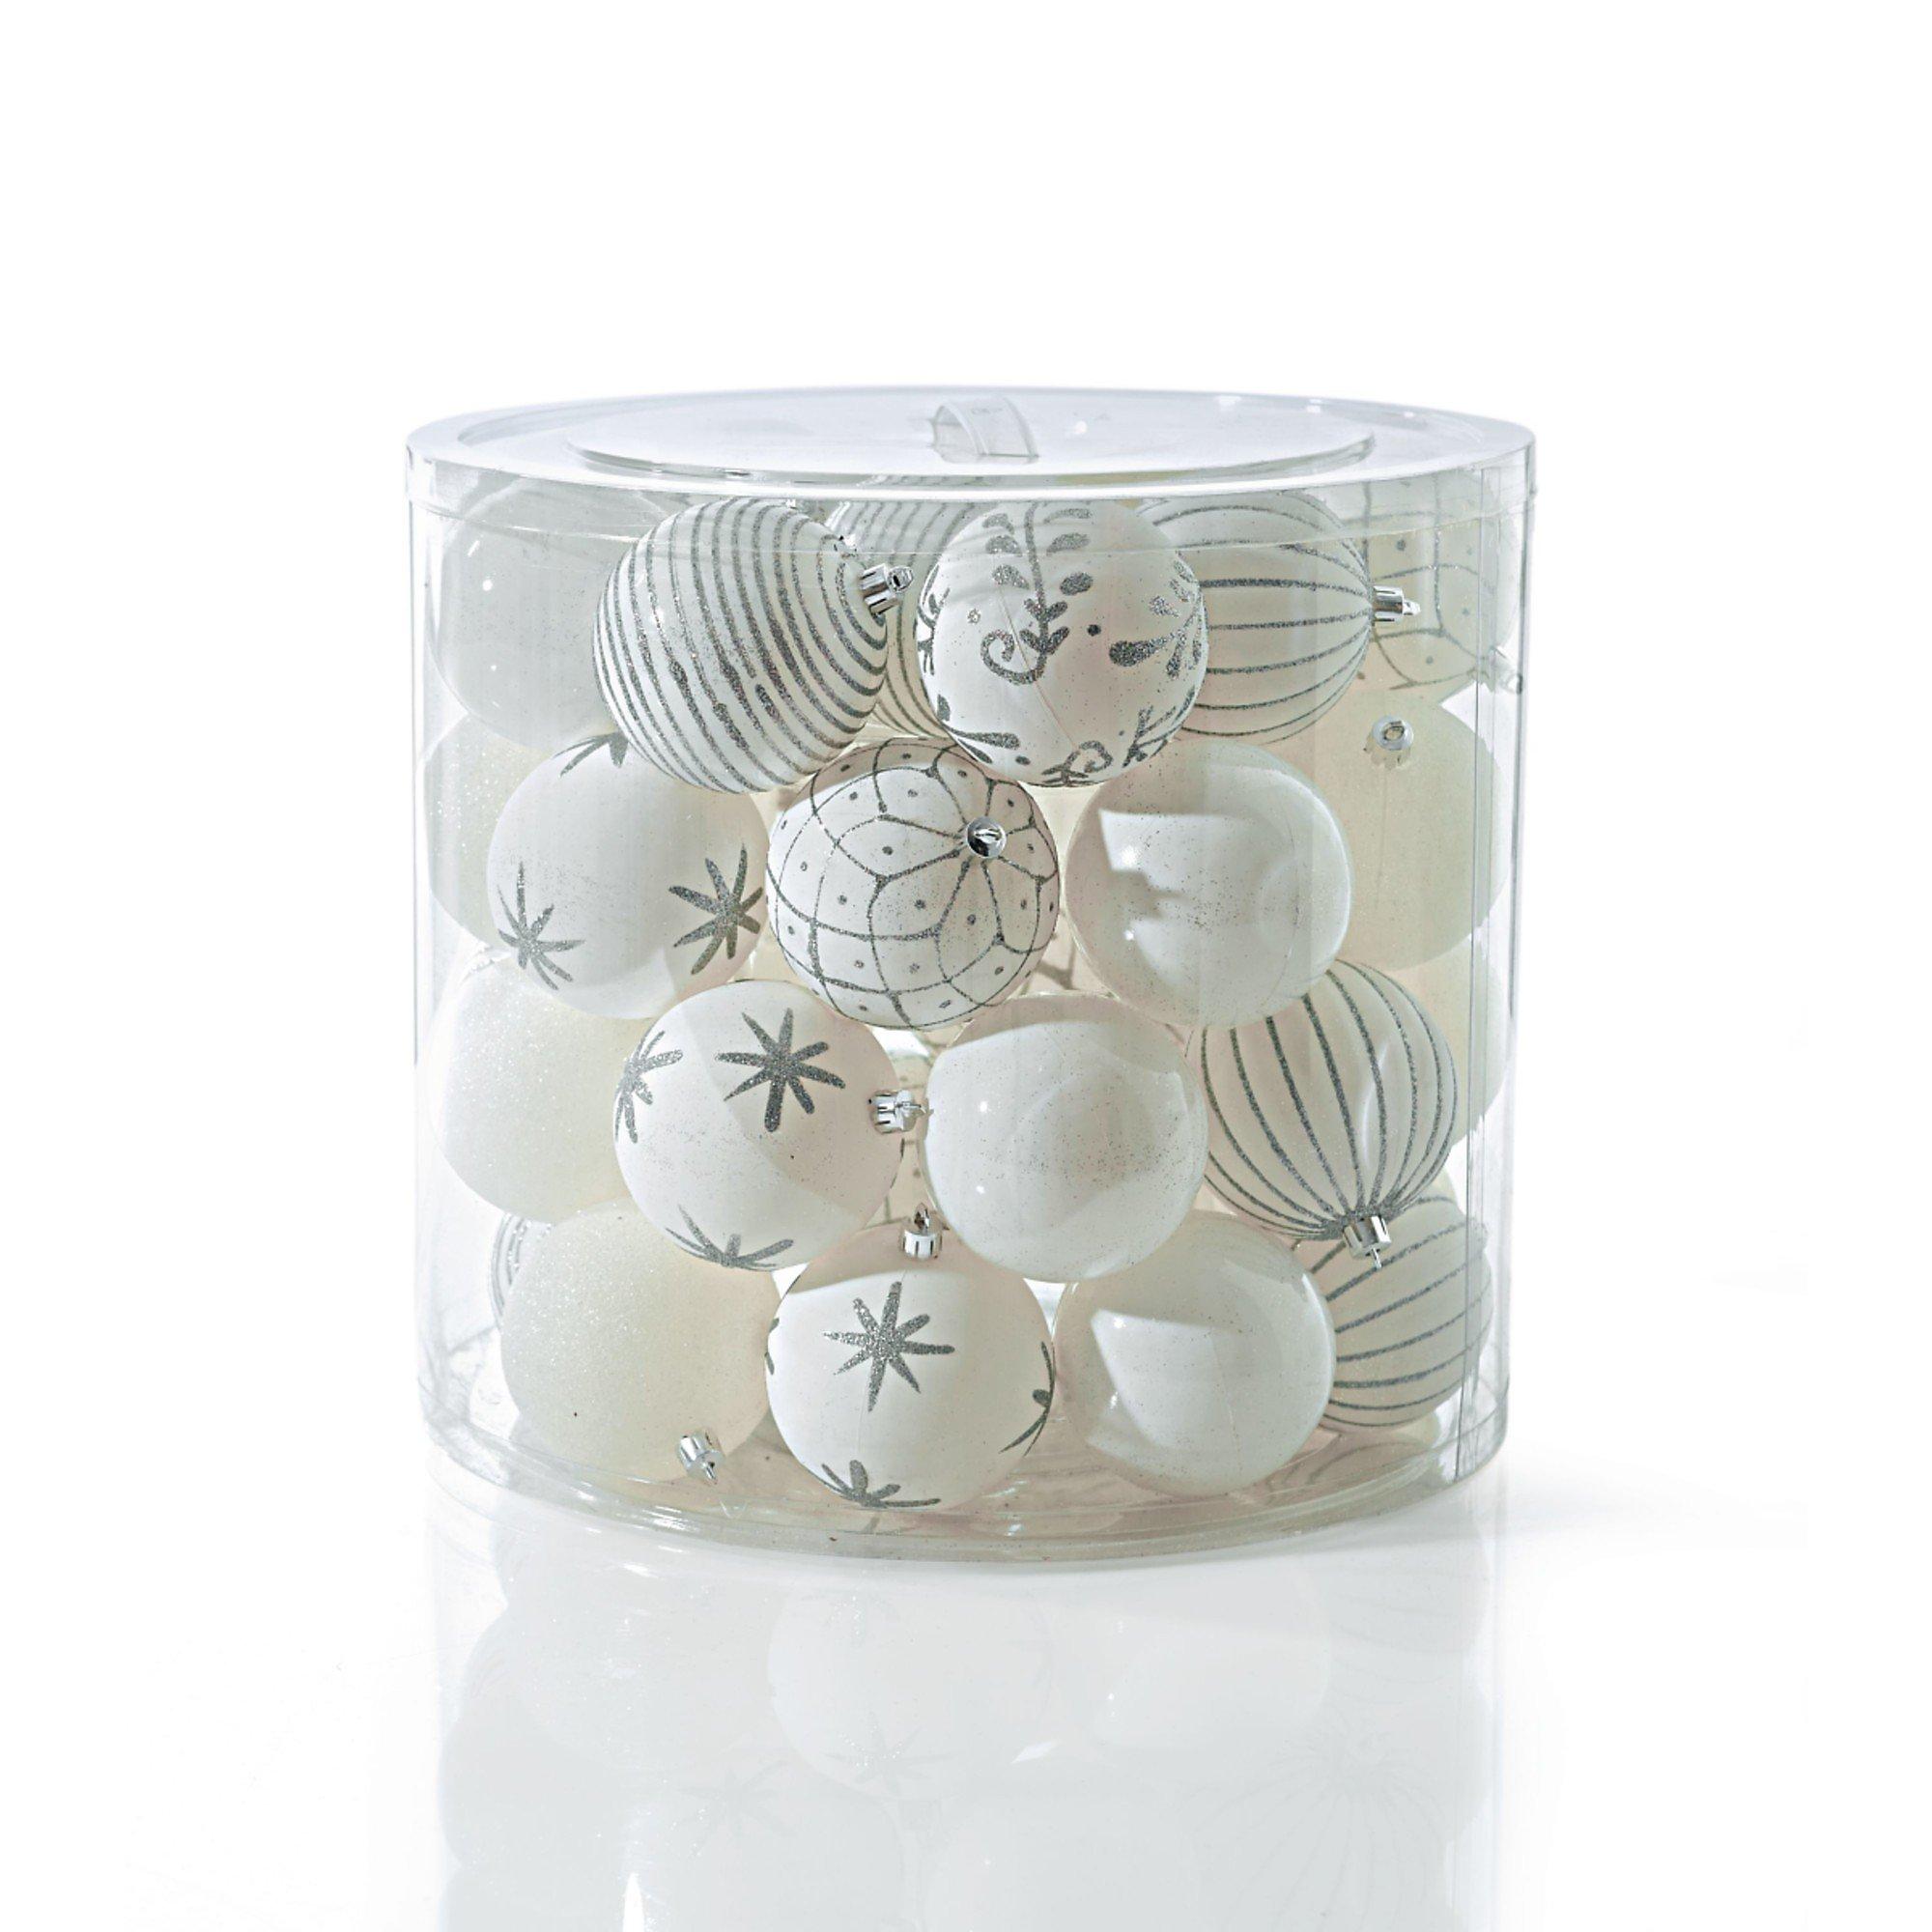 Weihnachtskugeln Weiß Silber.Weihnachtskugel Set 39 Tlg Weiß Silber Bestellen Weltbild De